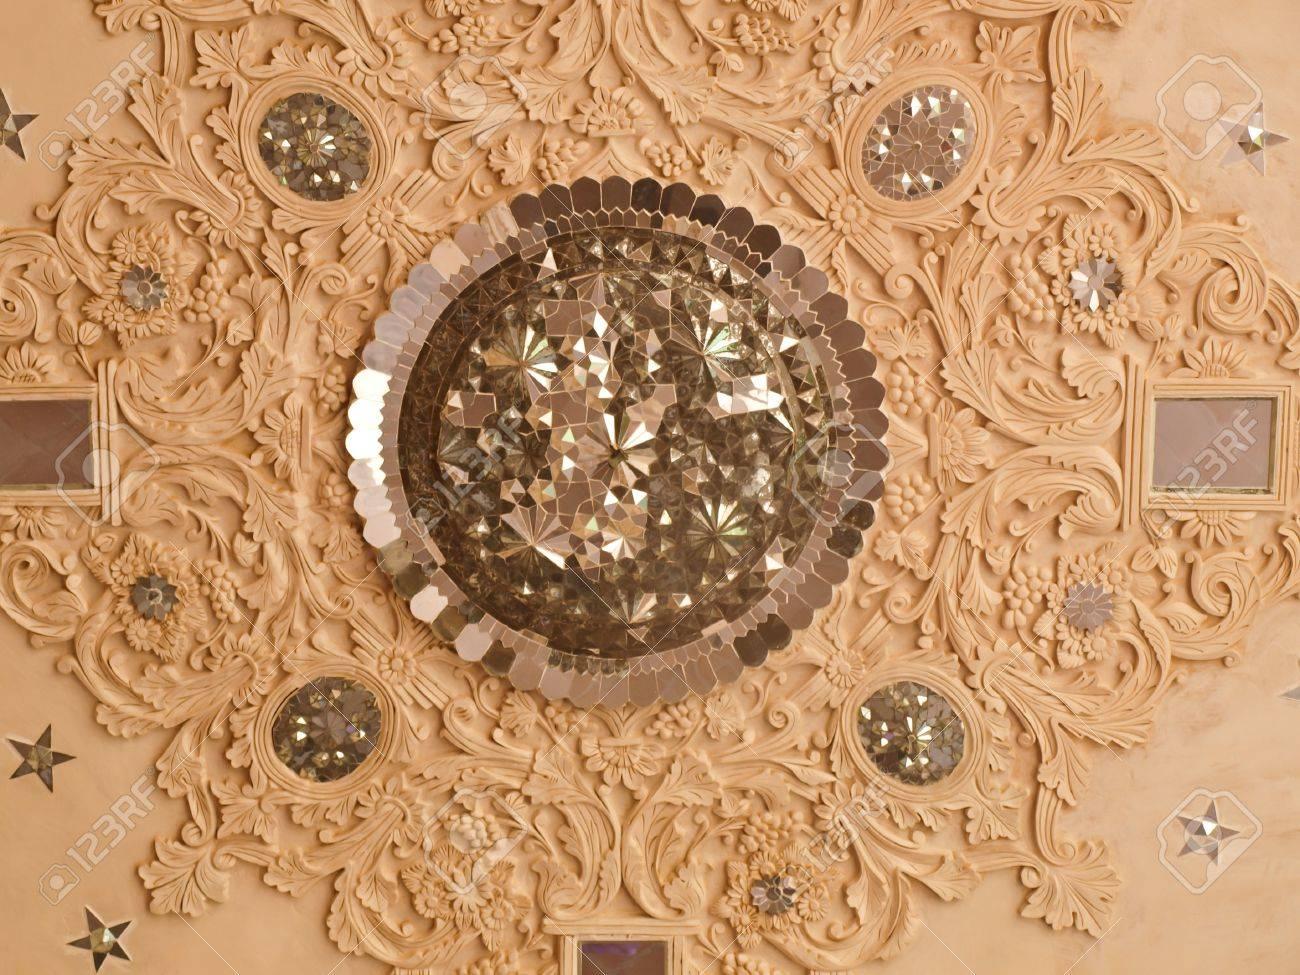 nahaufnahme des weißen stuck und spiegel dekoration im inneren decke